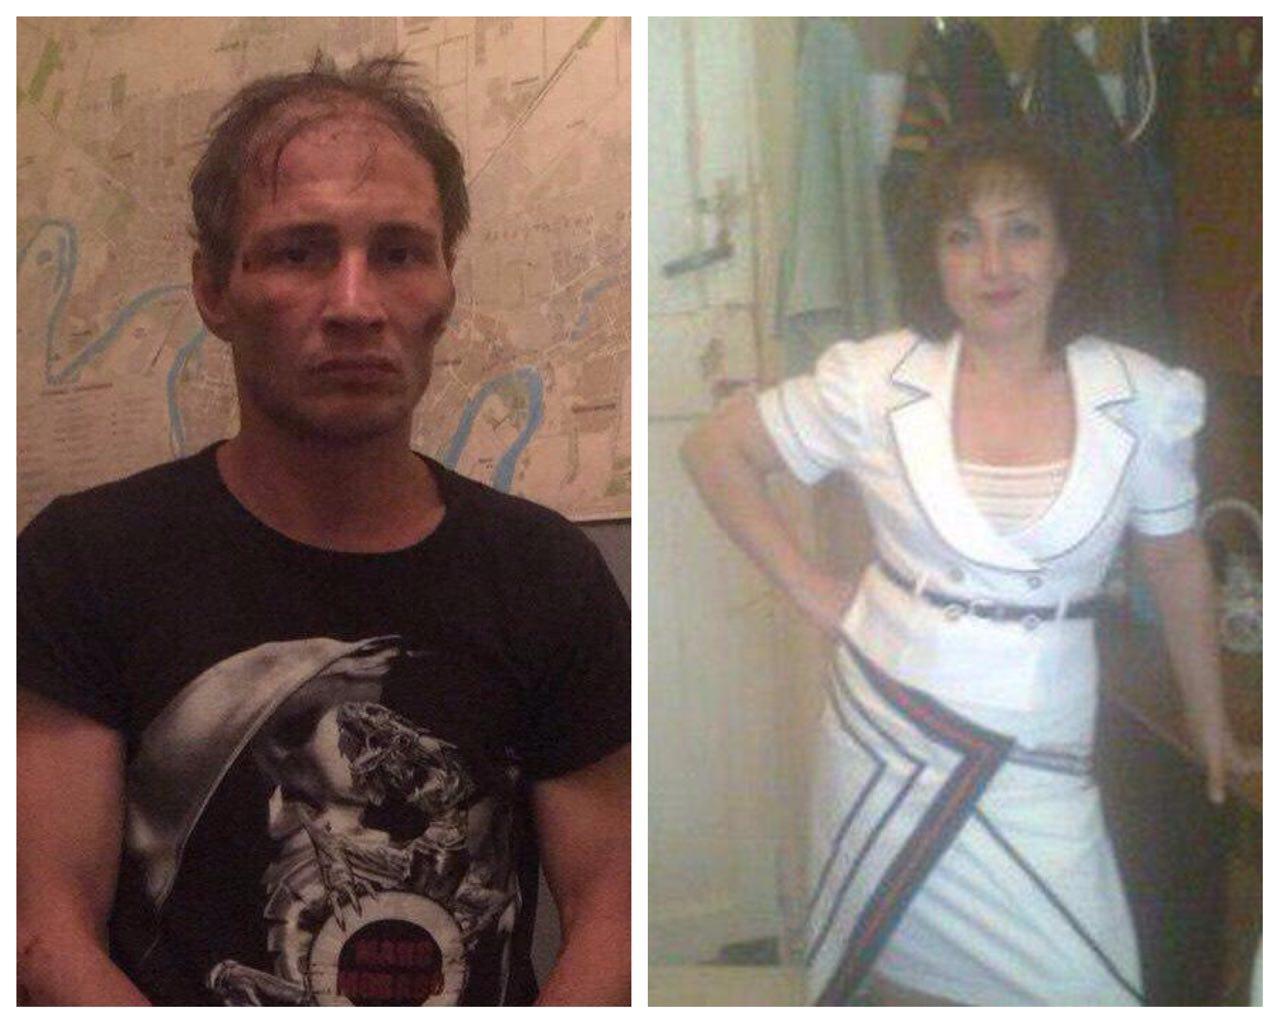 В Краснодаре задержана семейная пара, подозреваемая в убийствах и каннибализме (18+)